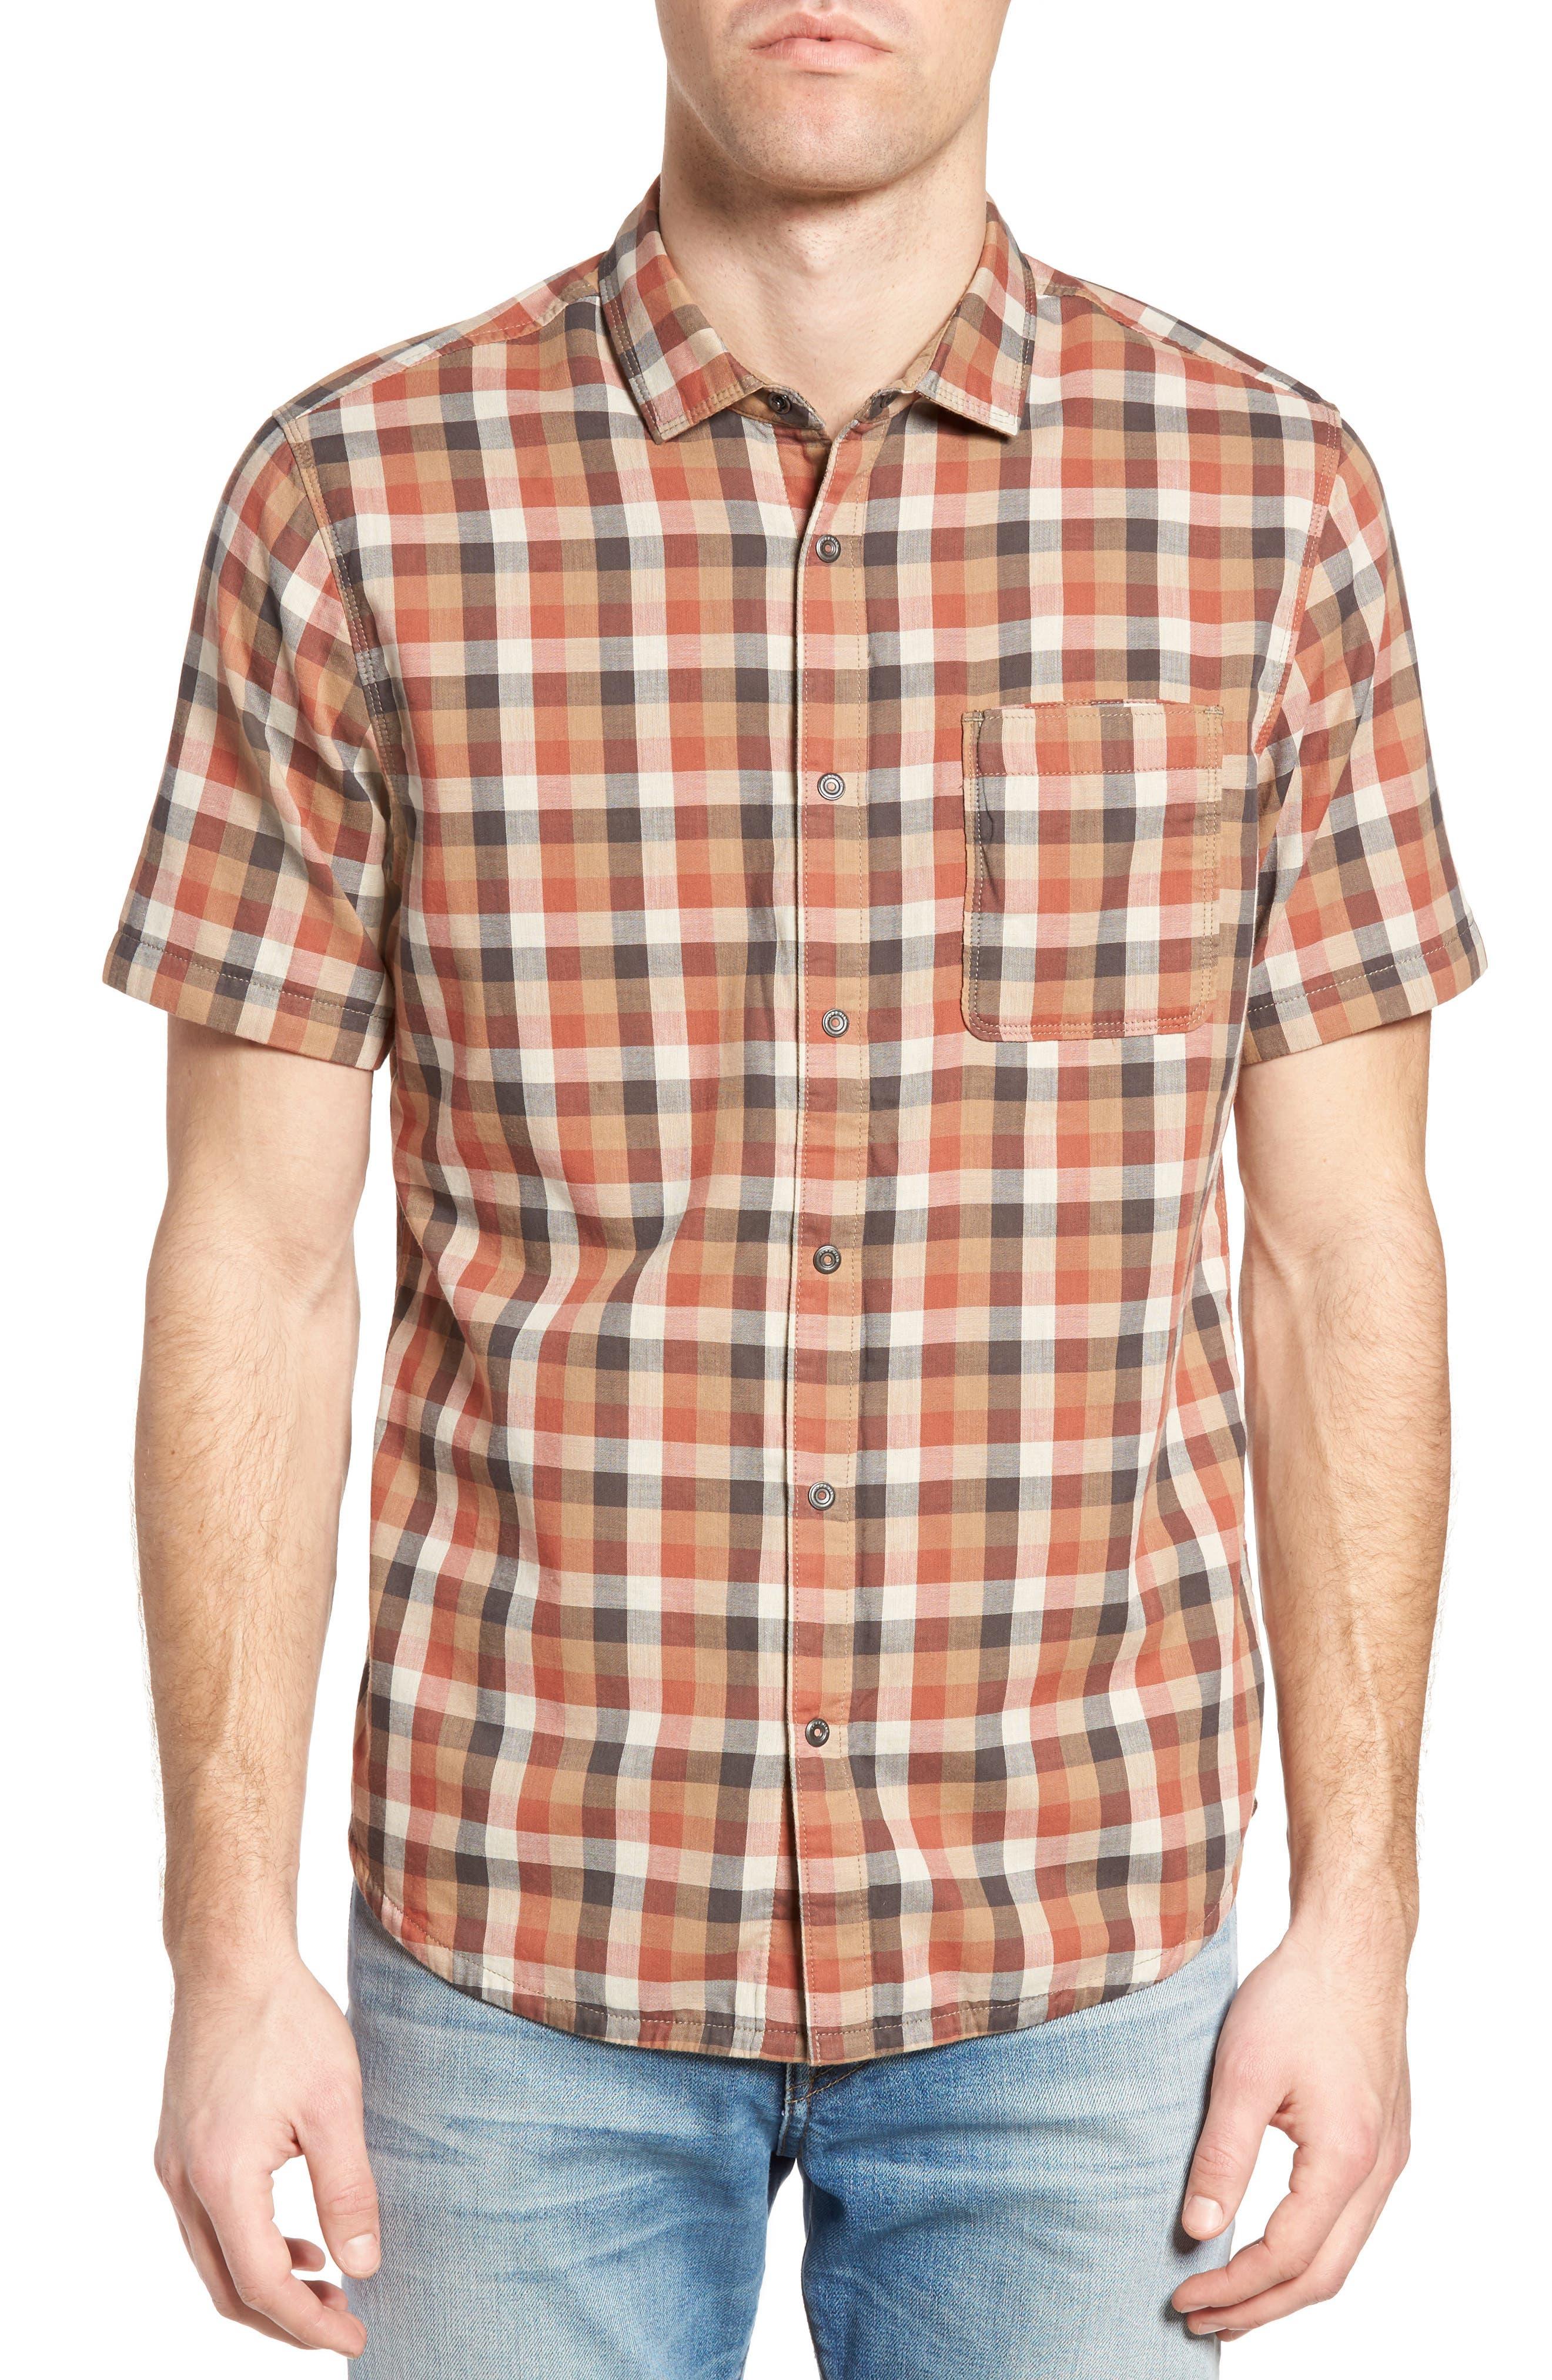 Nomad Reversible Plaid Sport Shirt,                         Main,                         color, 907